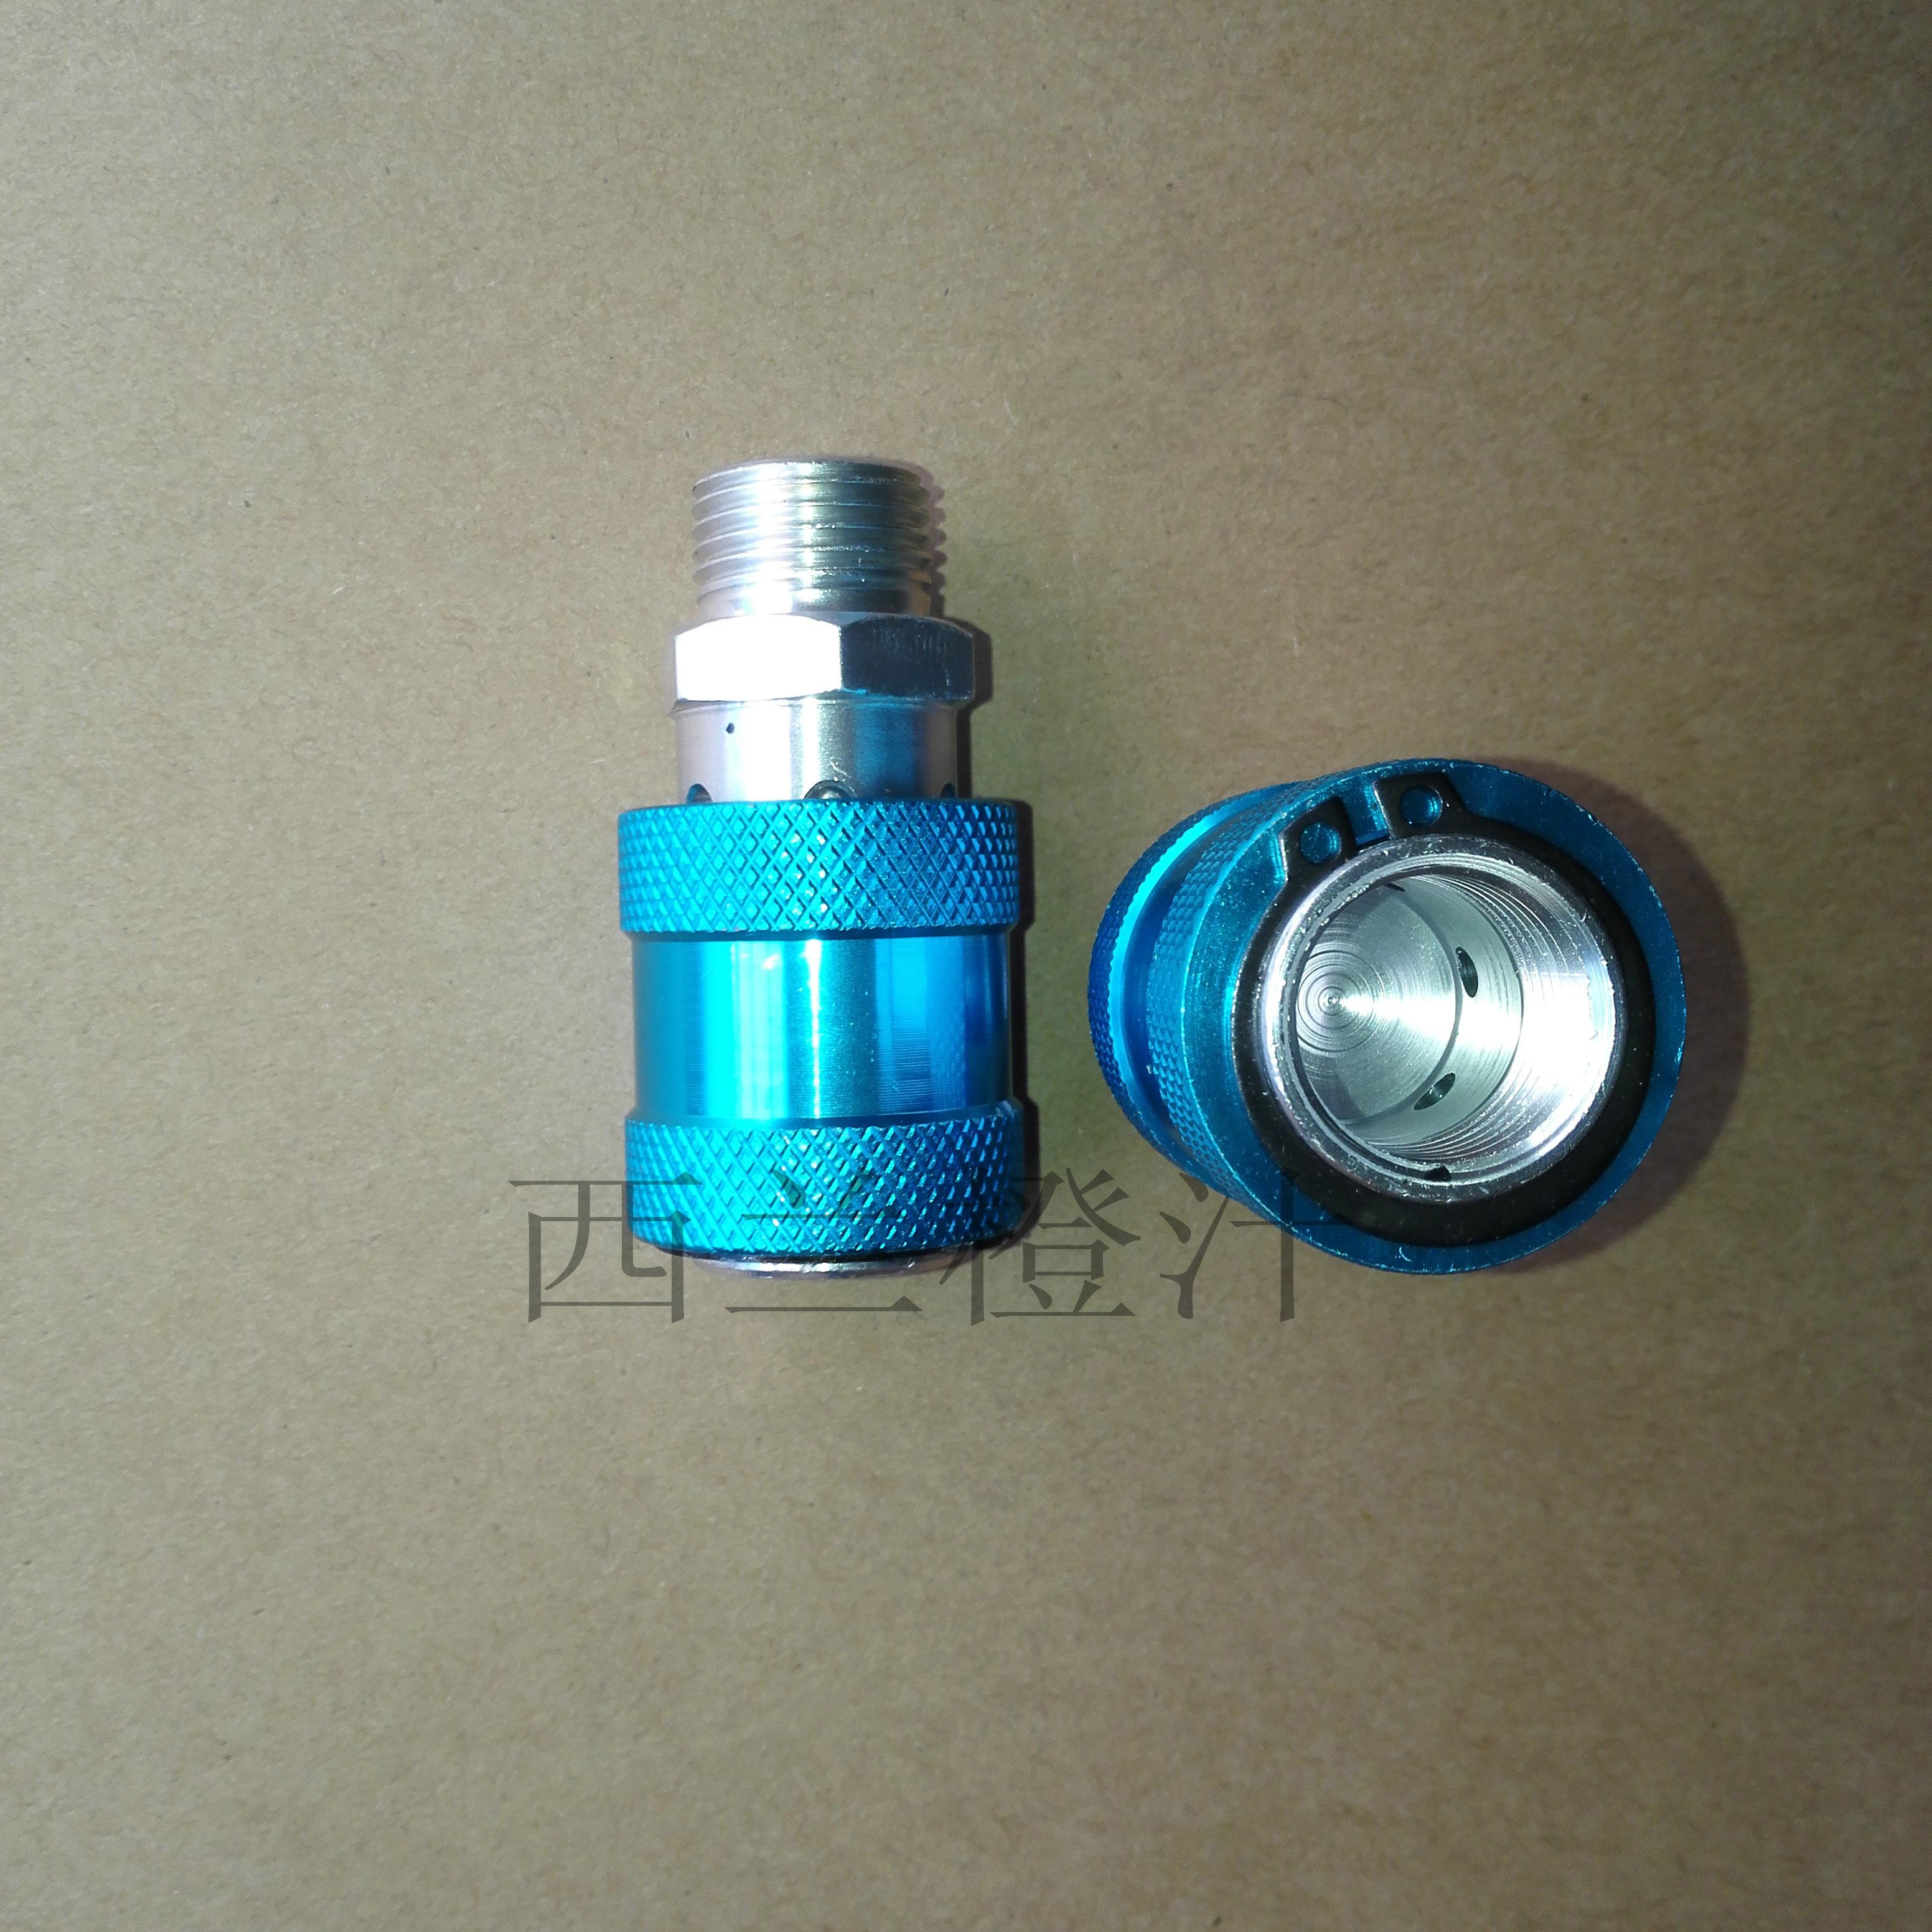 kezeket 滑阀 csúszókapcsolók HSV-06/HSV-08/HSV-10/HSV-15 (külső és belső menetes)